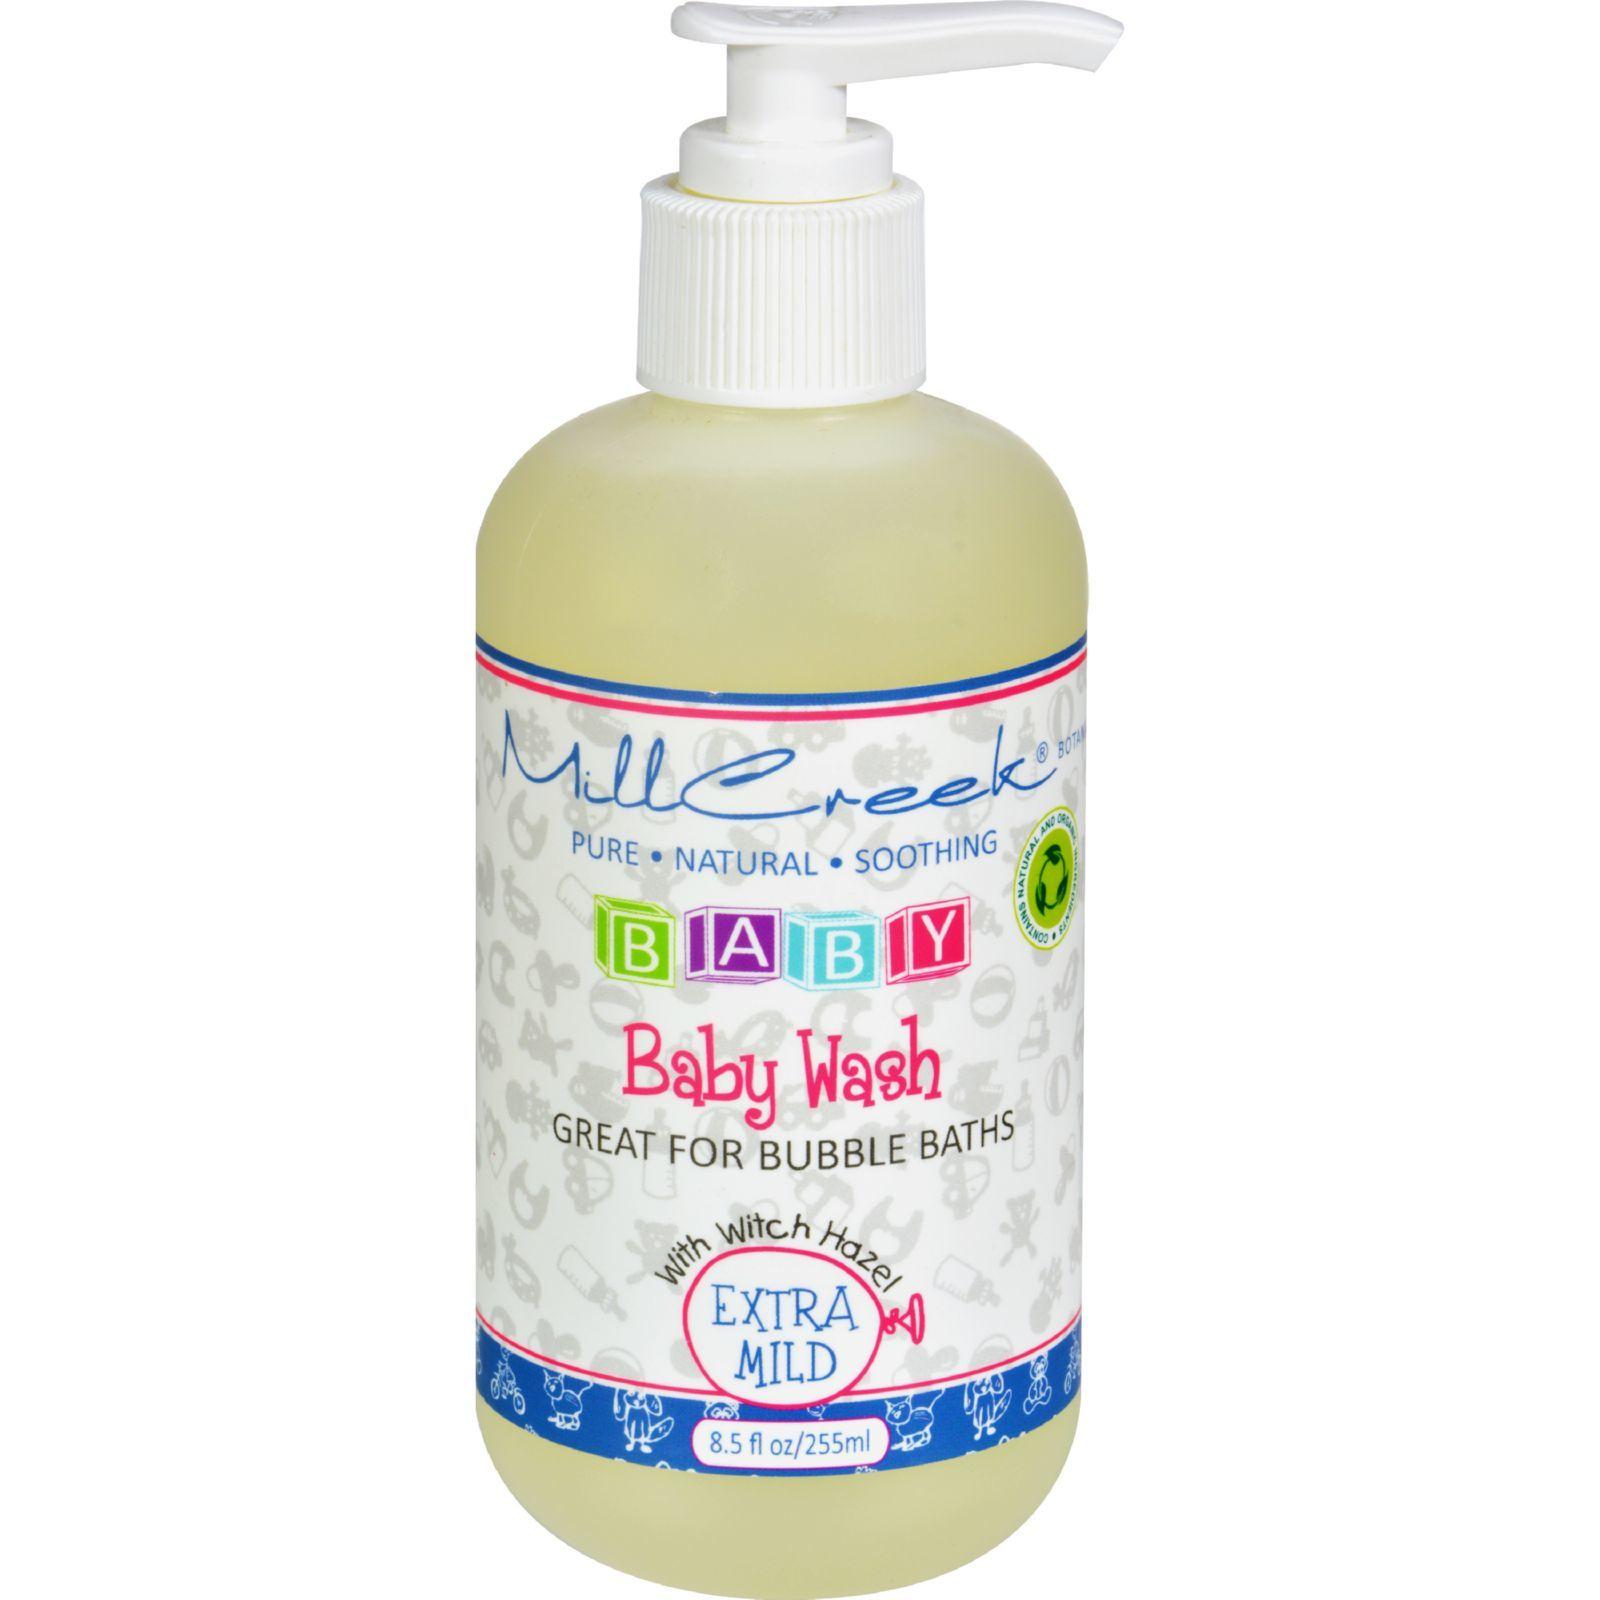 Mill Creek Botanicals Baby Wash - 8.5 fl oz